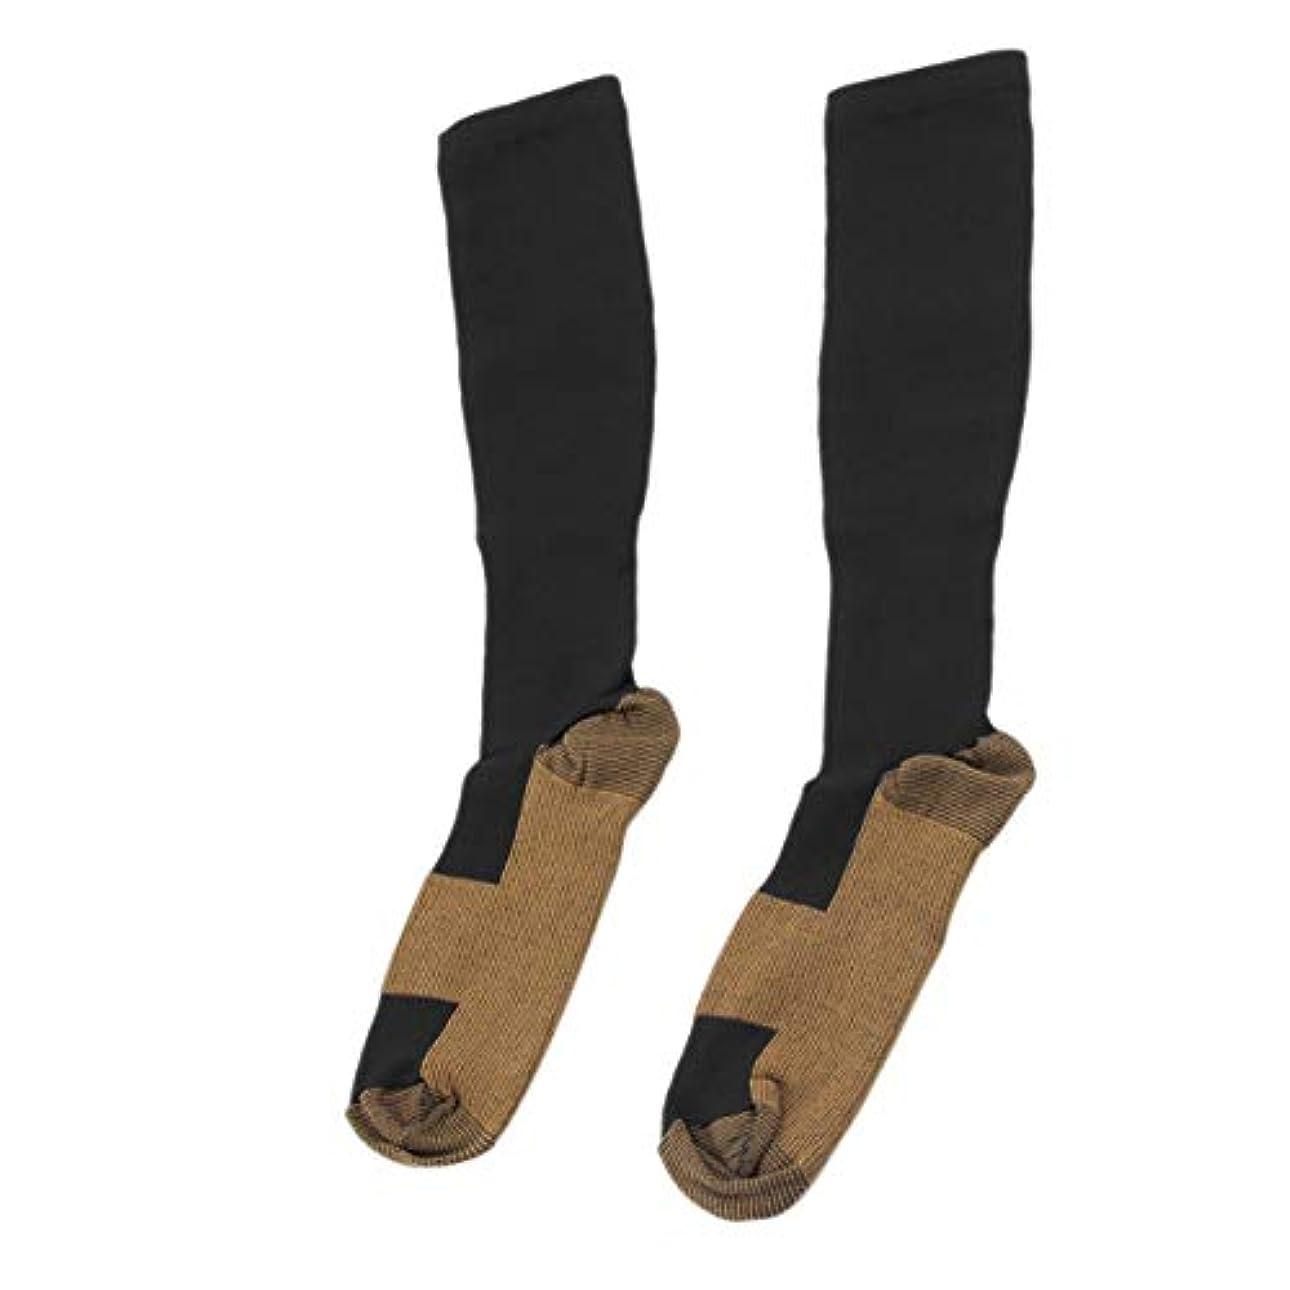 操作封筒決済ファッショナブルな快適な救済ソフト男性女性抗疲労圧縮靴下抗疲労静脈瘤ソックス - ブラックL